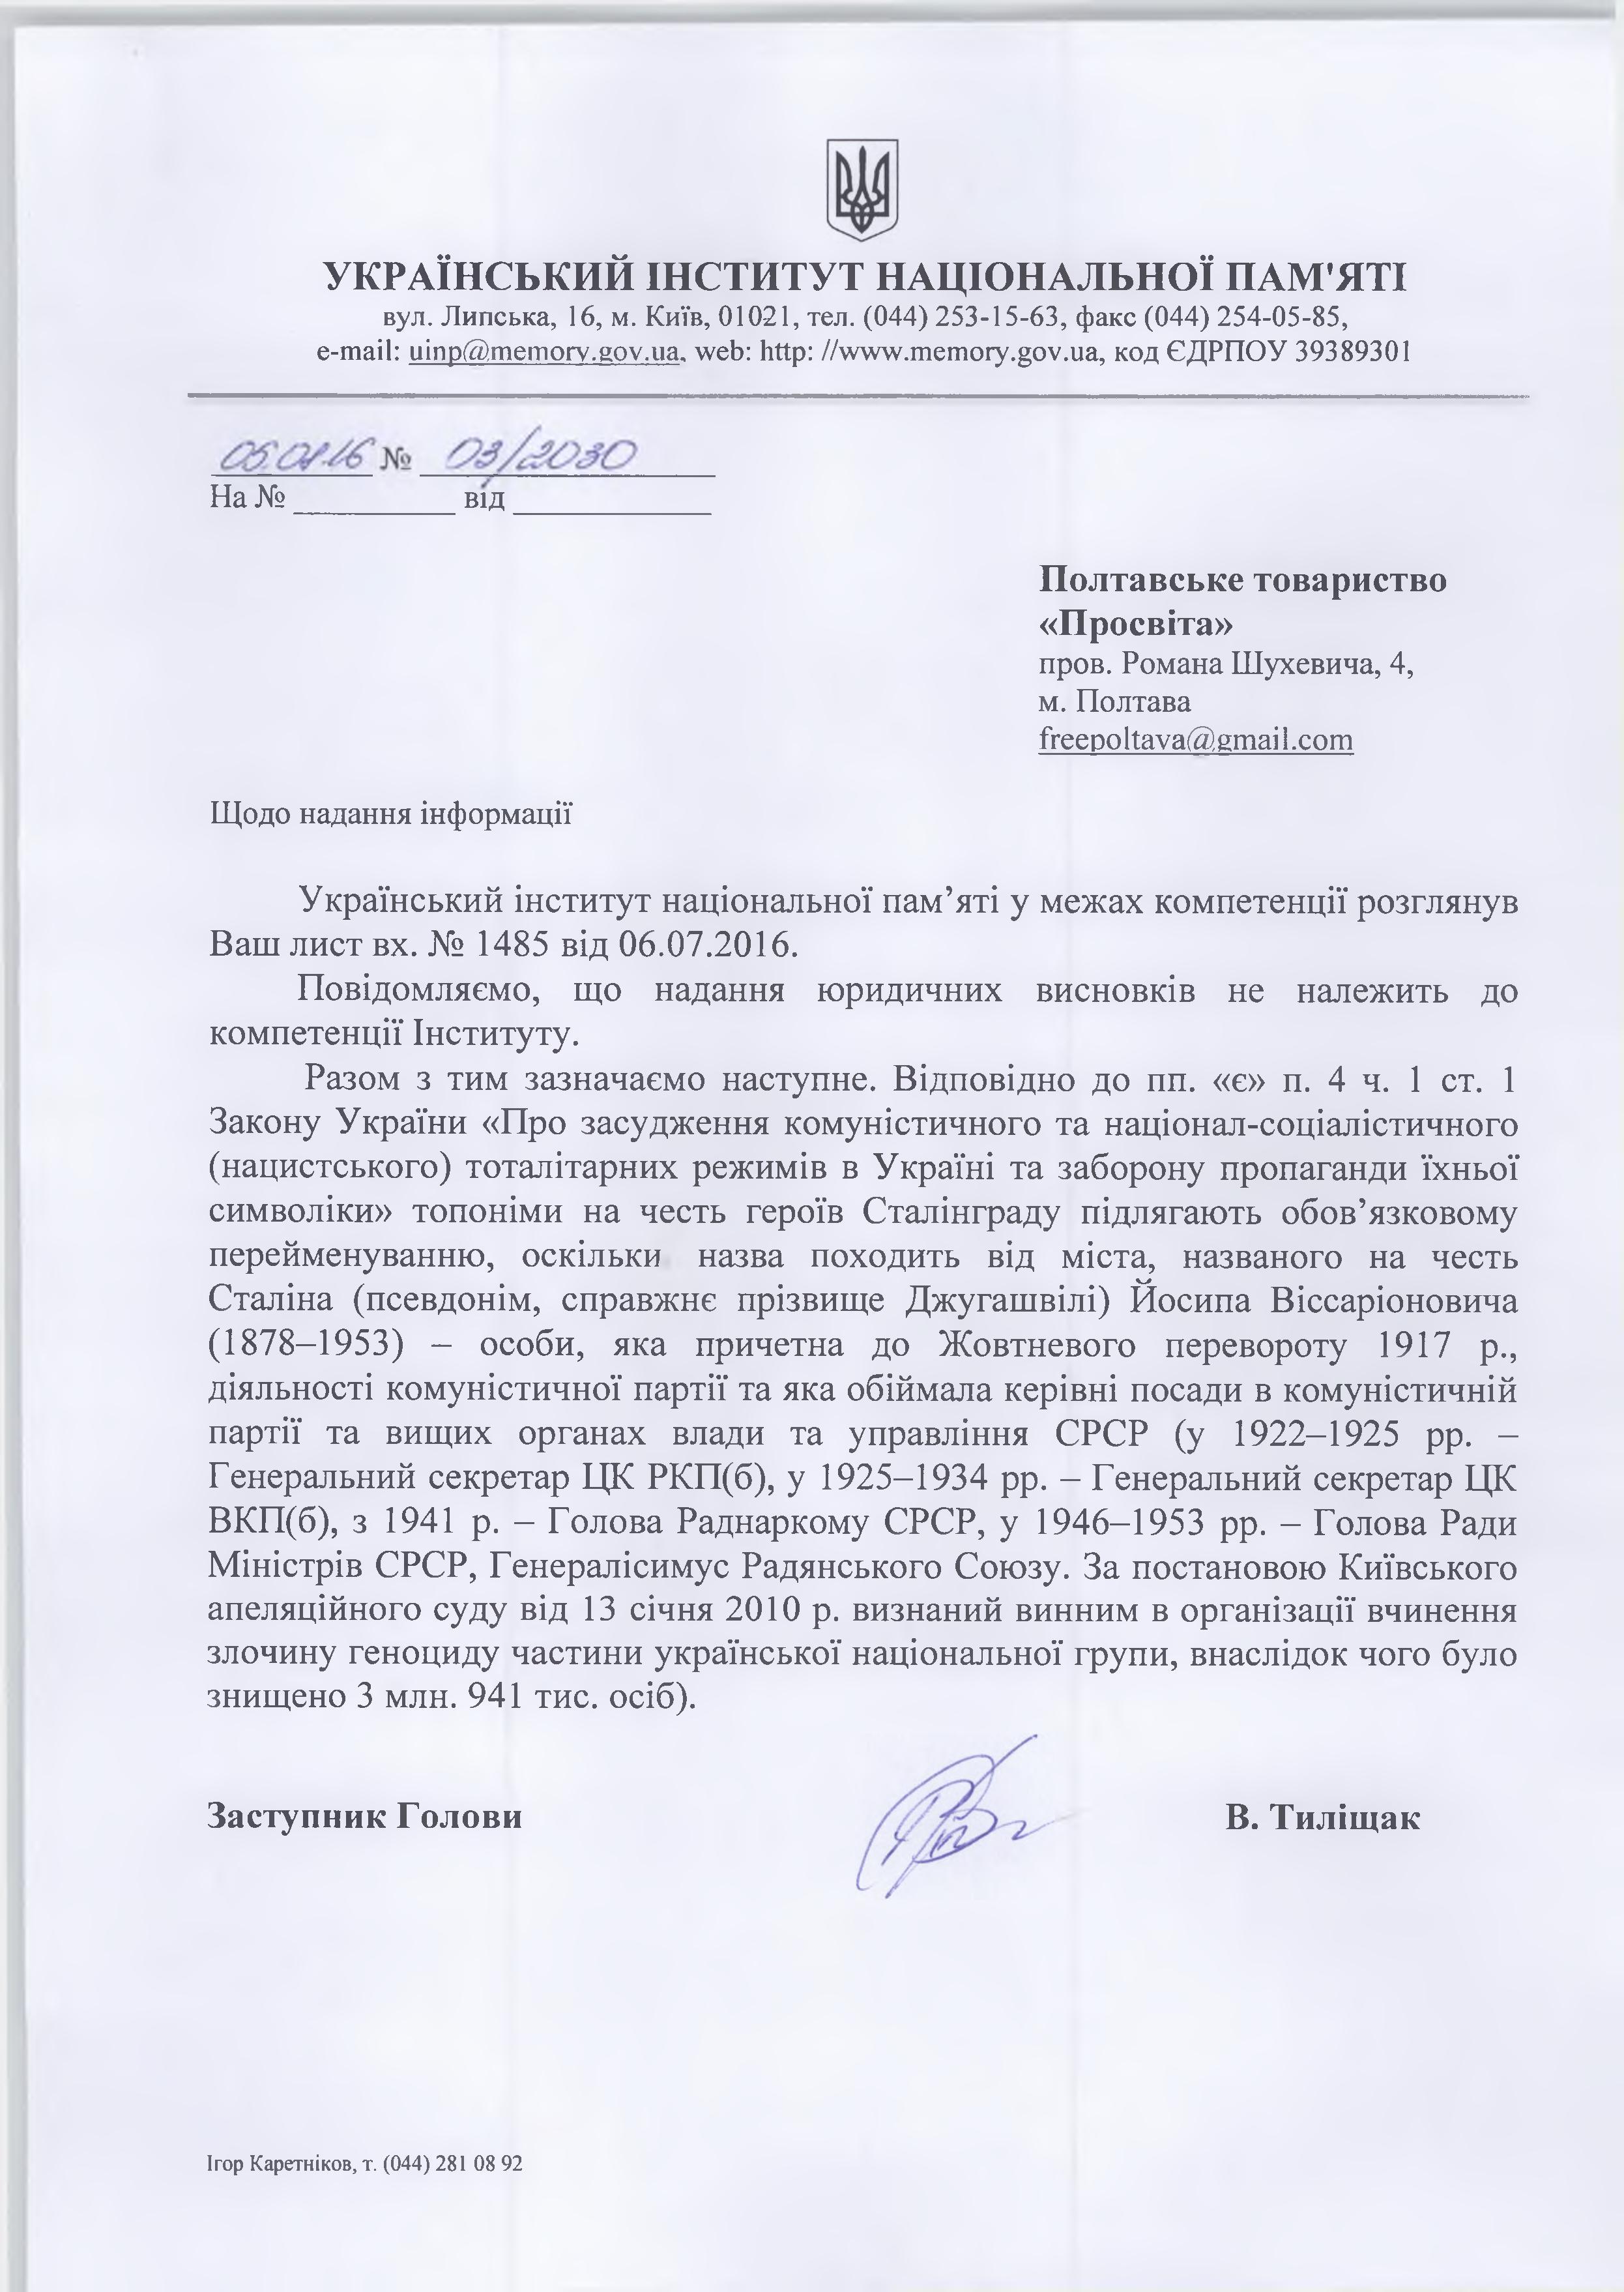 Роз'яснення Українського інституту національної пам'яті з приводу назви